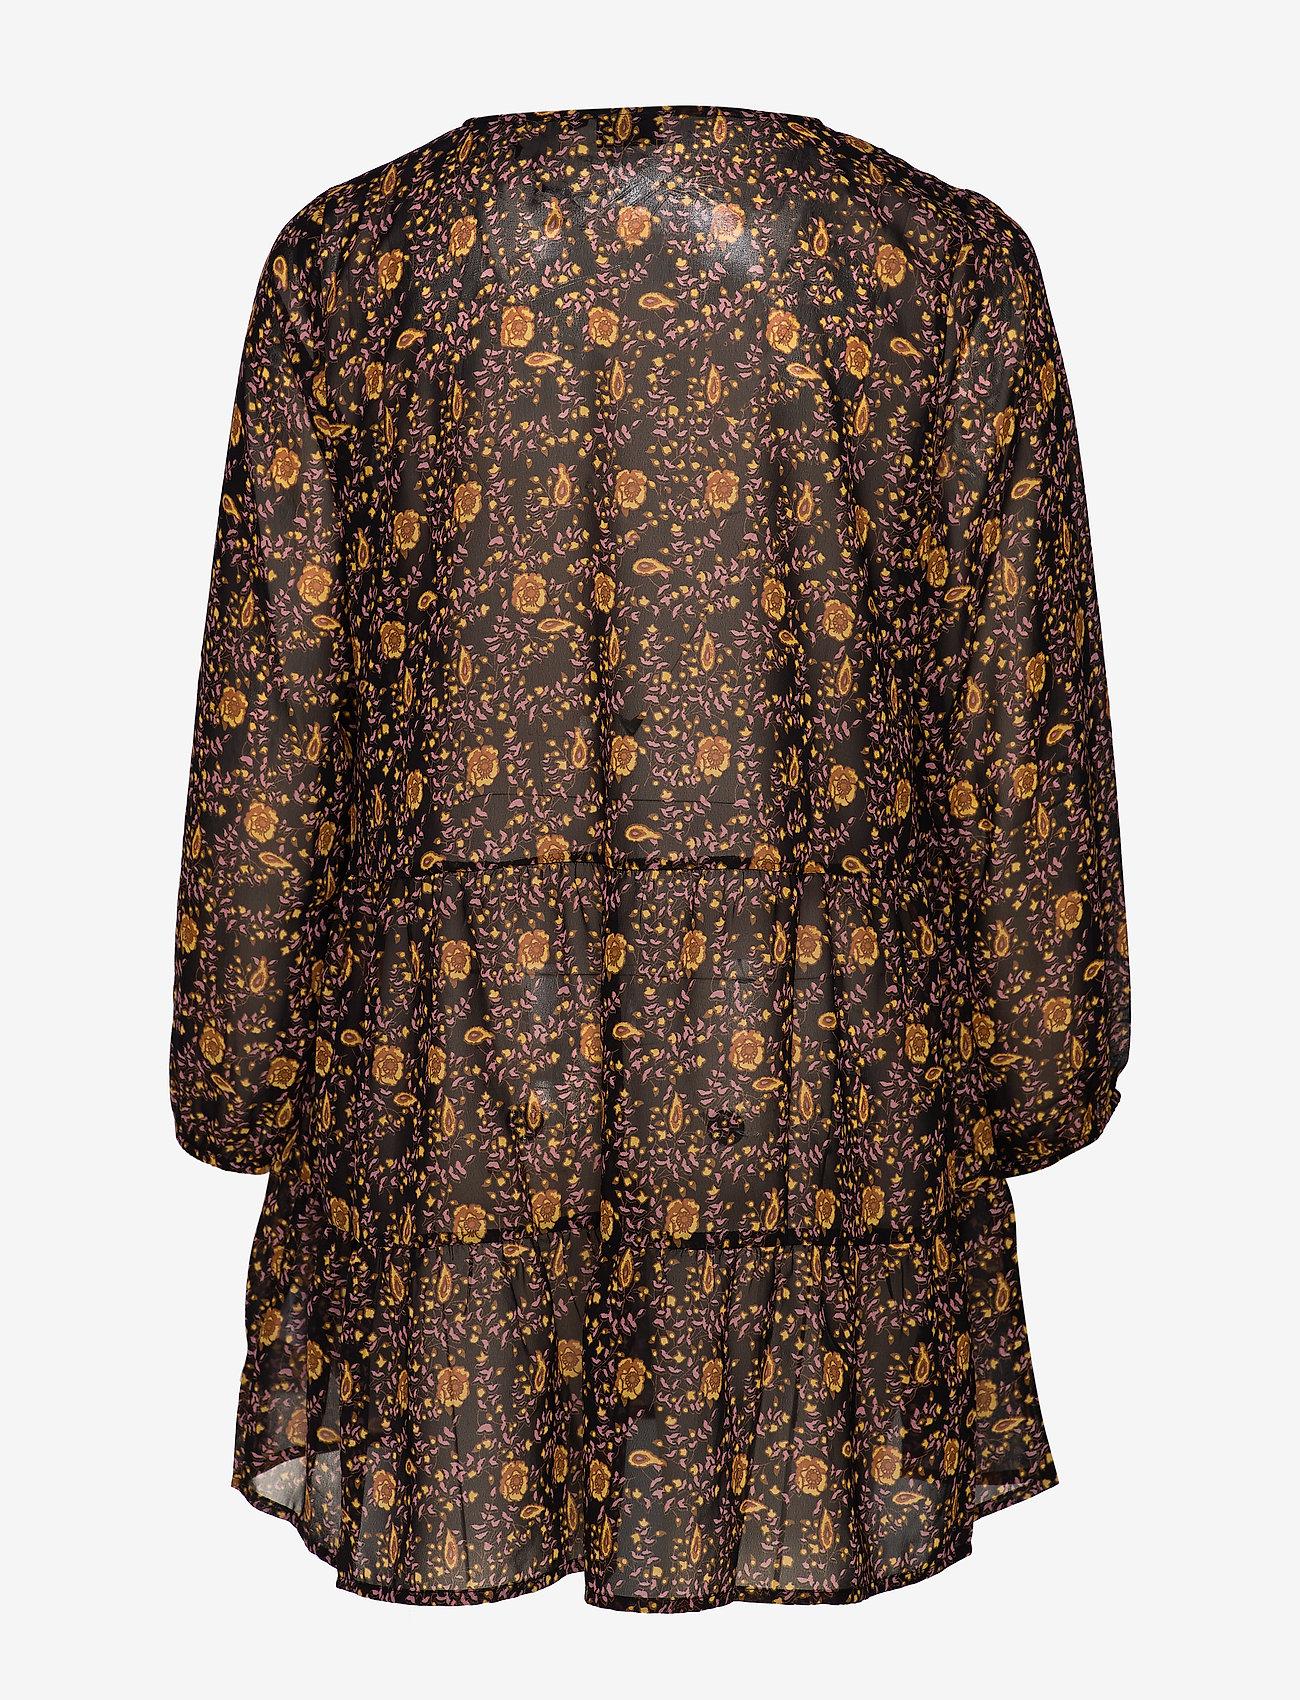 Zizzi EMARLEY, L/S, TUNIC - Bluzki & Koszule BLACK - Kobiety Odzież.